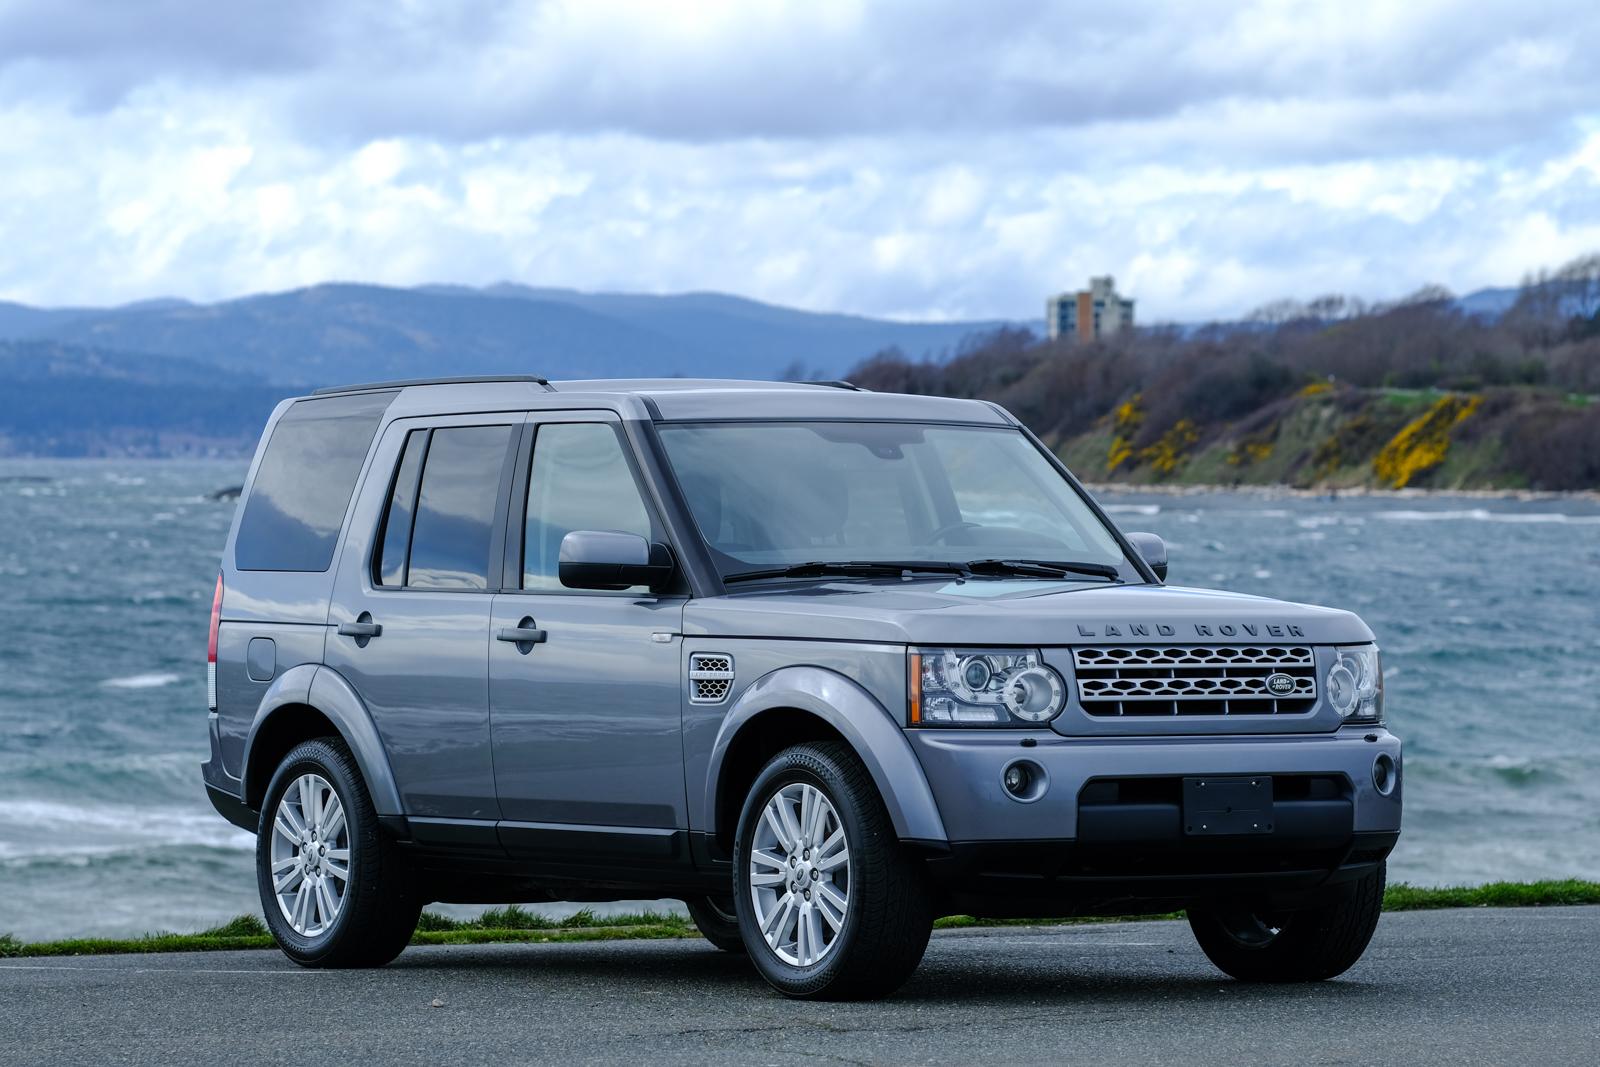 2012 land rover lr4 v8 silver arrow cars ltd. Black Bedroom Furniture Sets. Home Design Ideas